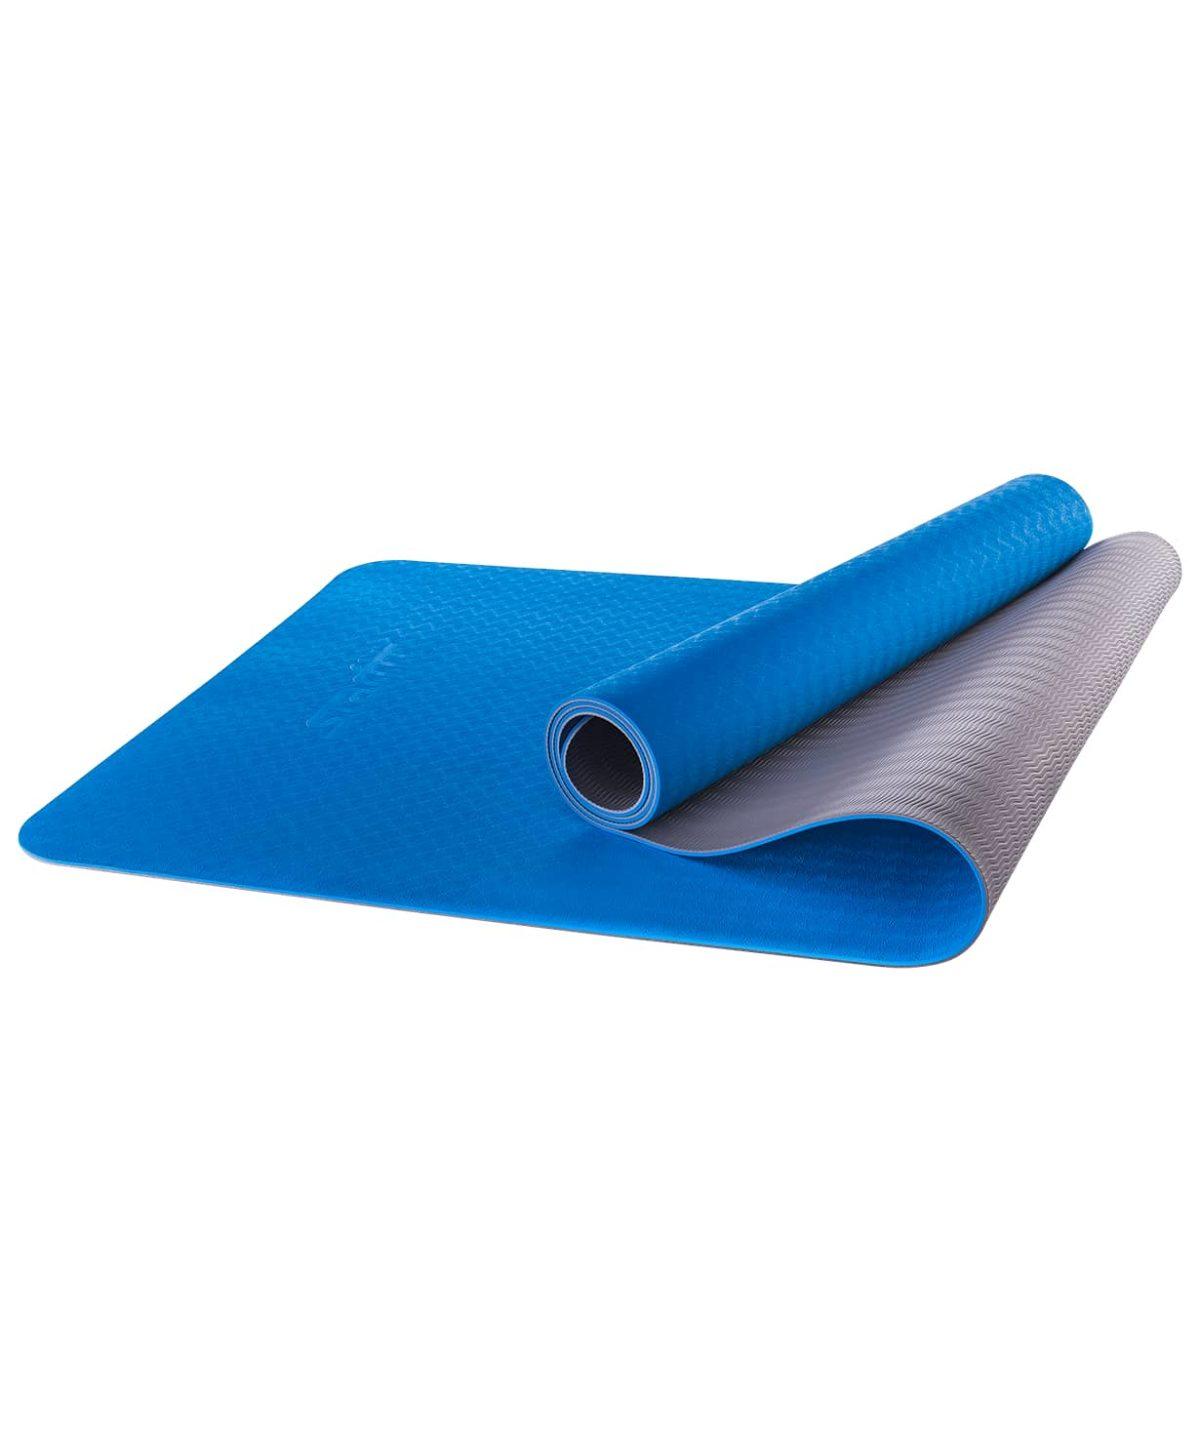 STARFIT Коврик для йоги FM-201 173х61х0,4 см: синий/серый - 1